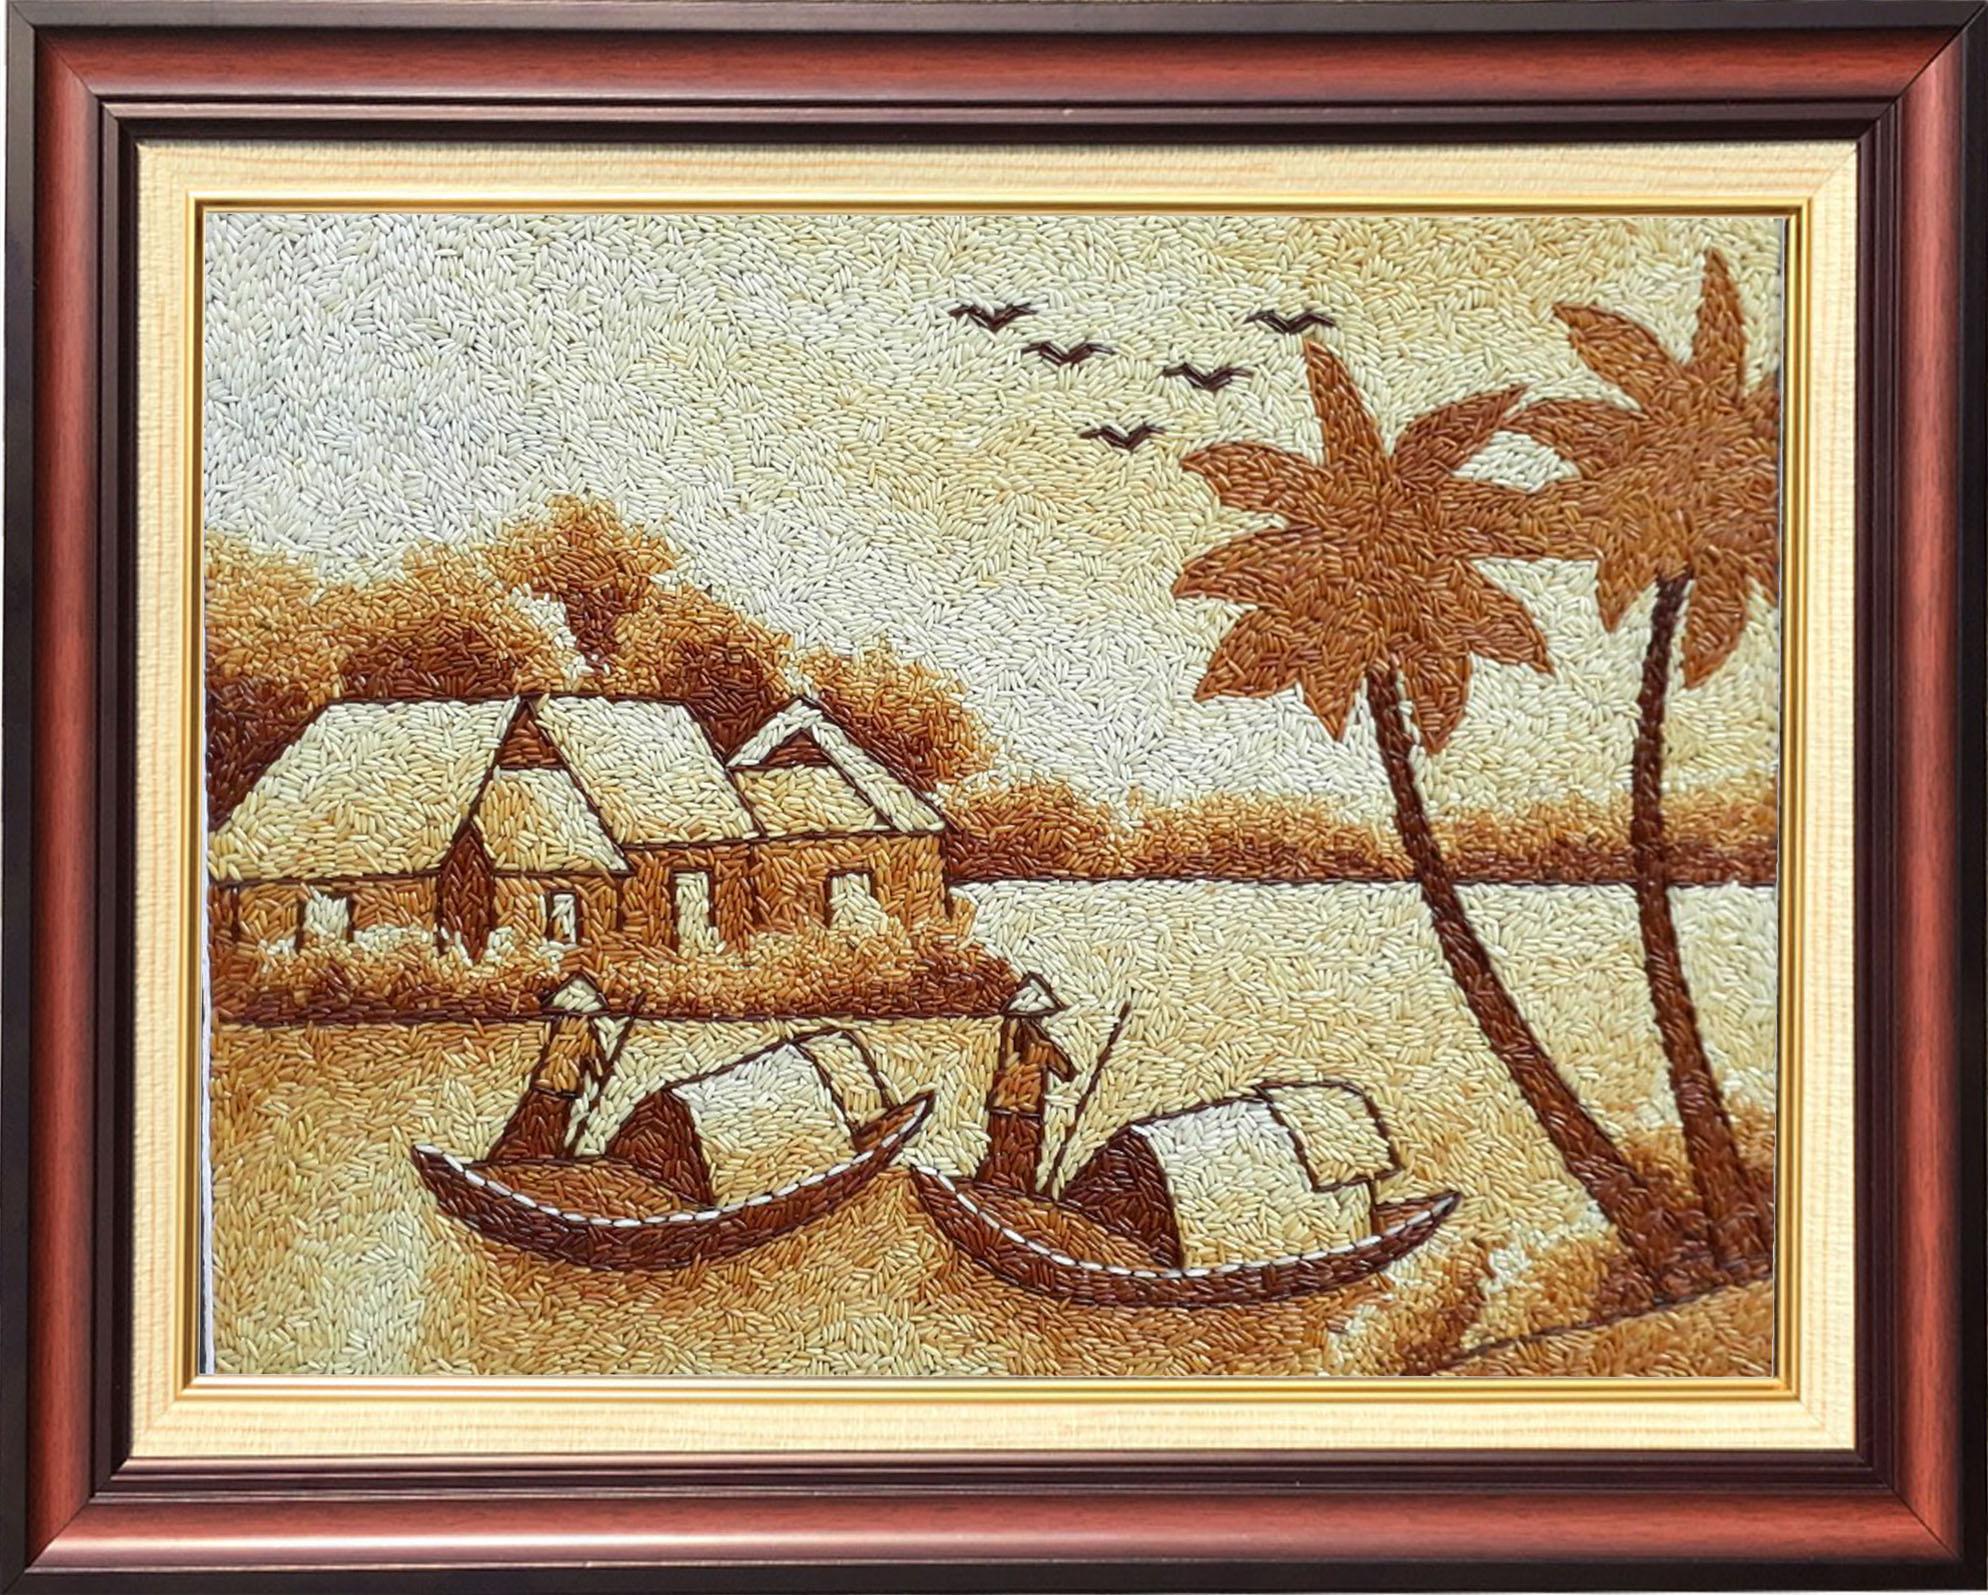 Tranh gạo nghệ thuật